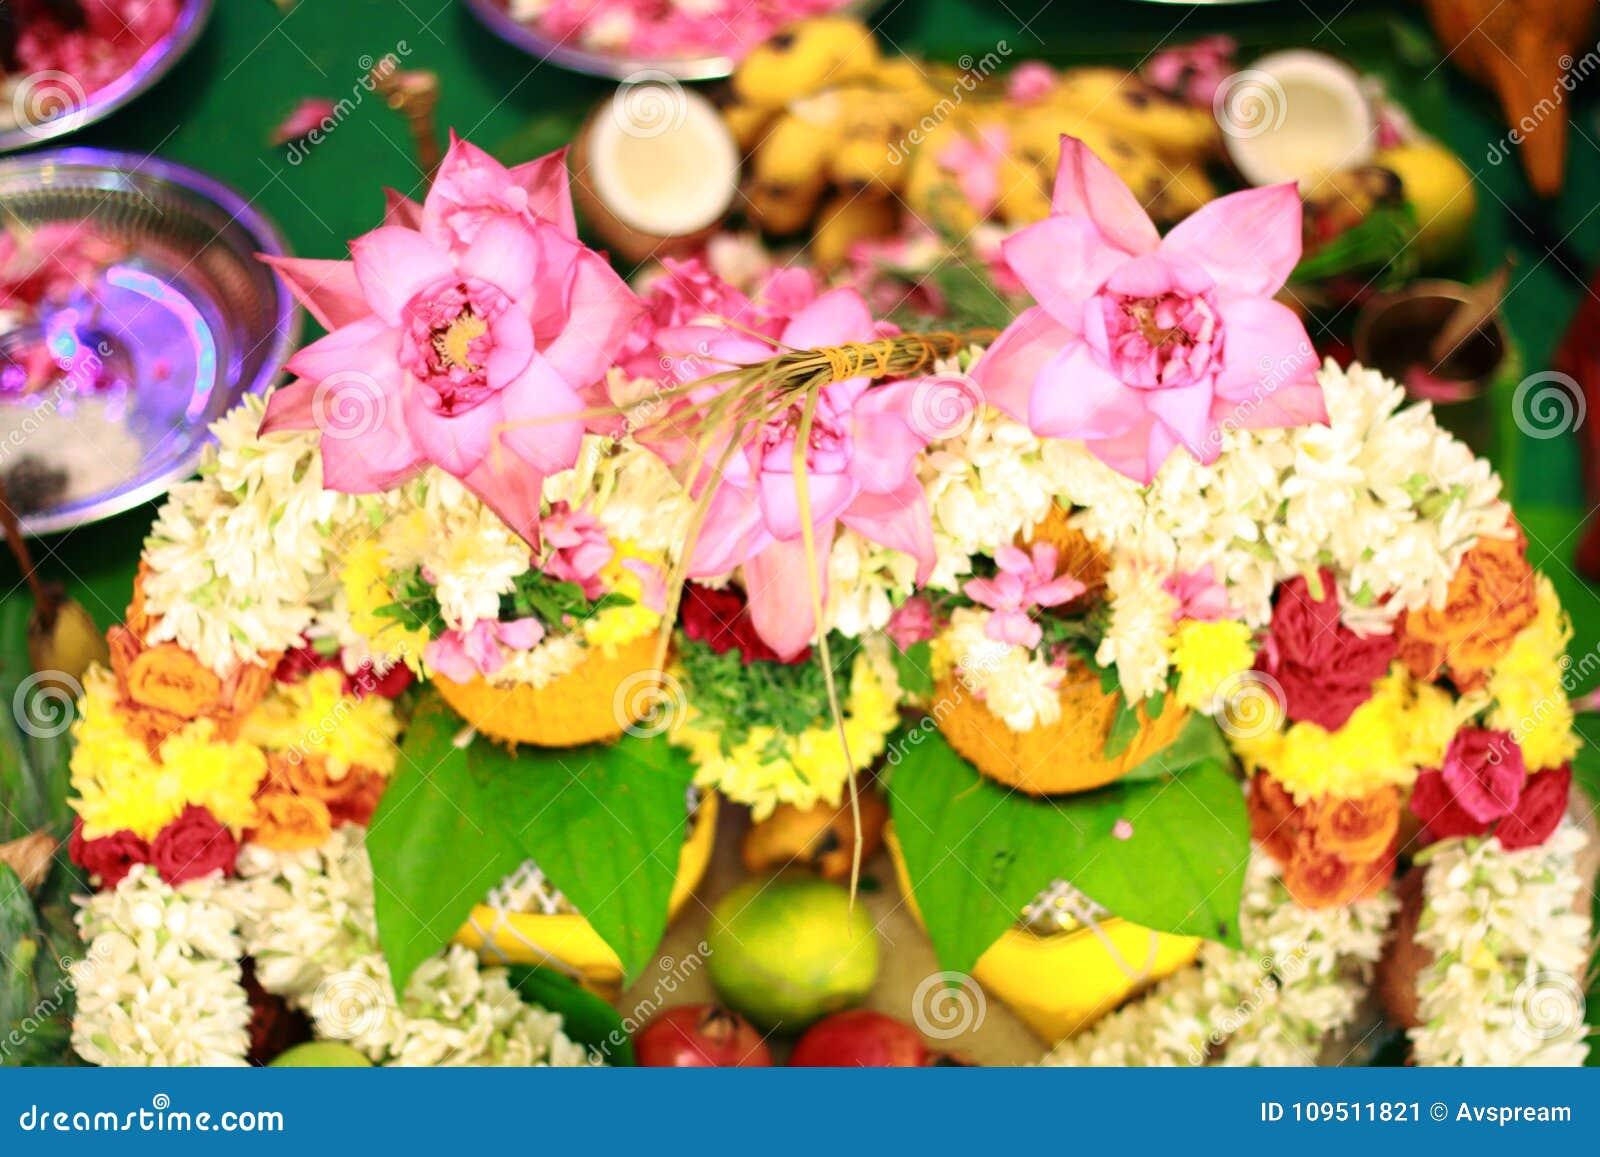 Hindische Indische Hochzeitszeremonie Blumen Stockbild Bild Von